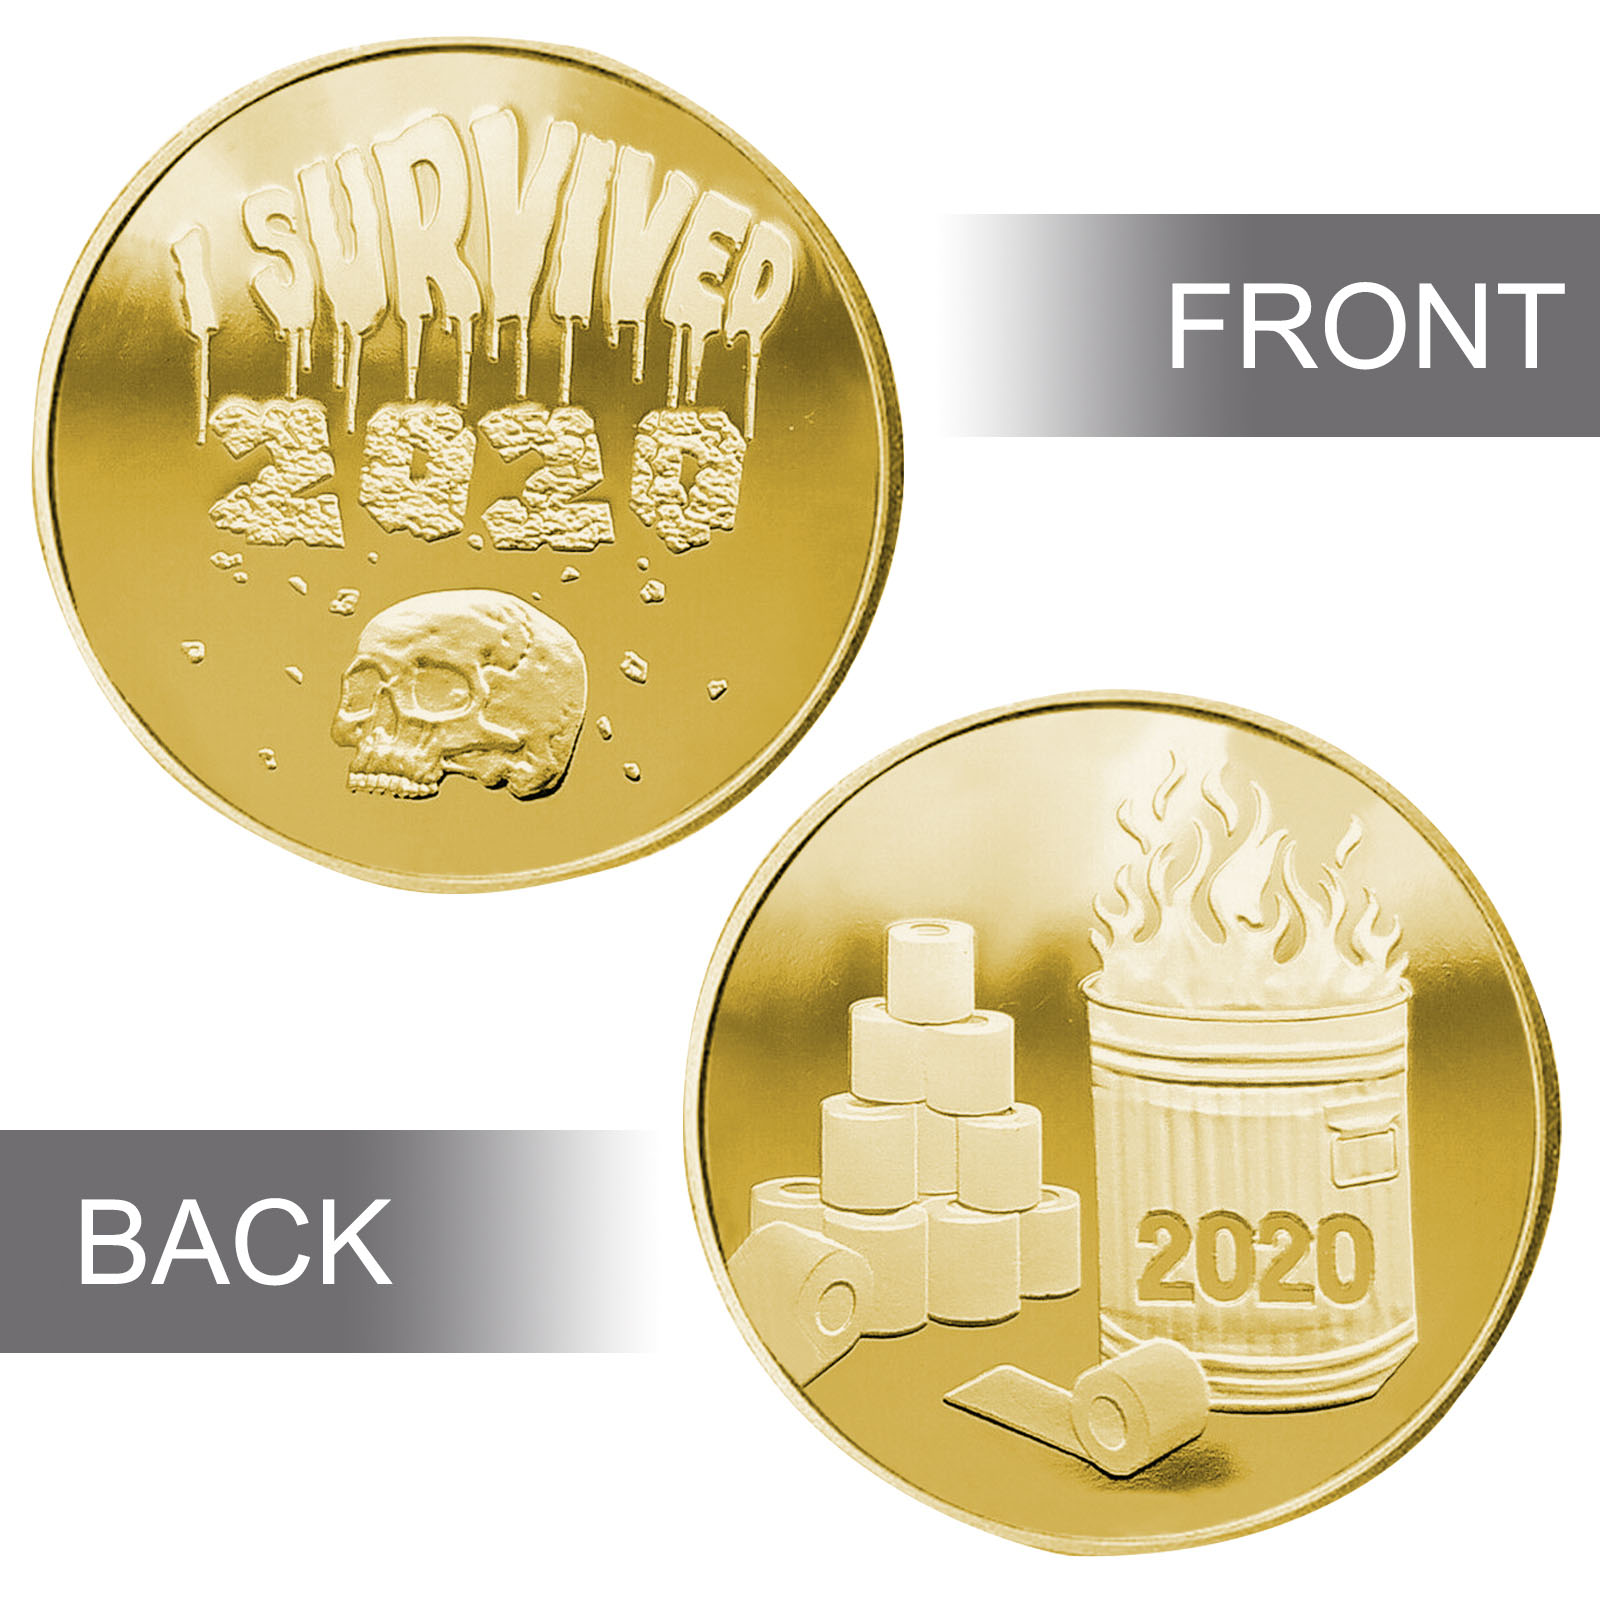 Hohe-qualität Legierung Materialien, Metall Überzug Schädel Überzog Gedenkmünze 2020 ICH Überlebte 2020 Sammlung Kunst Geschenk Souvenir